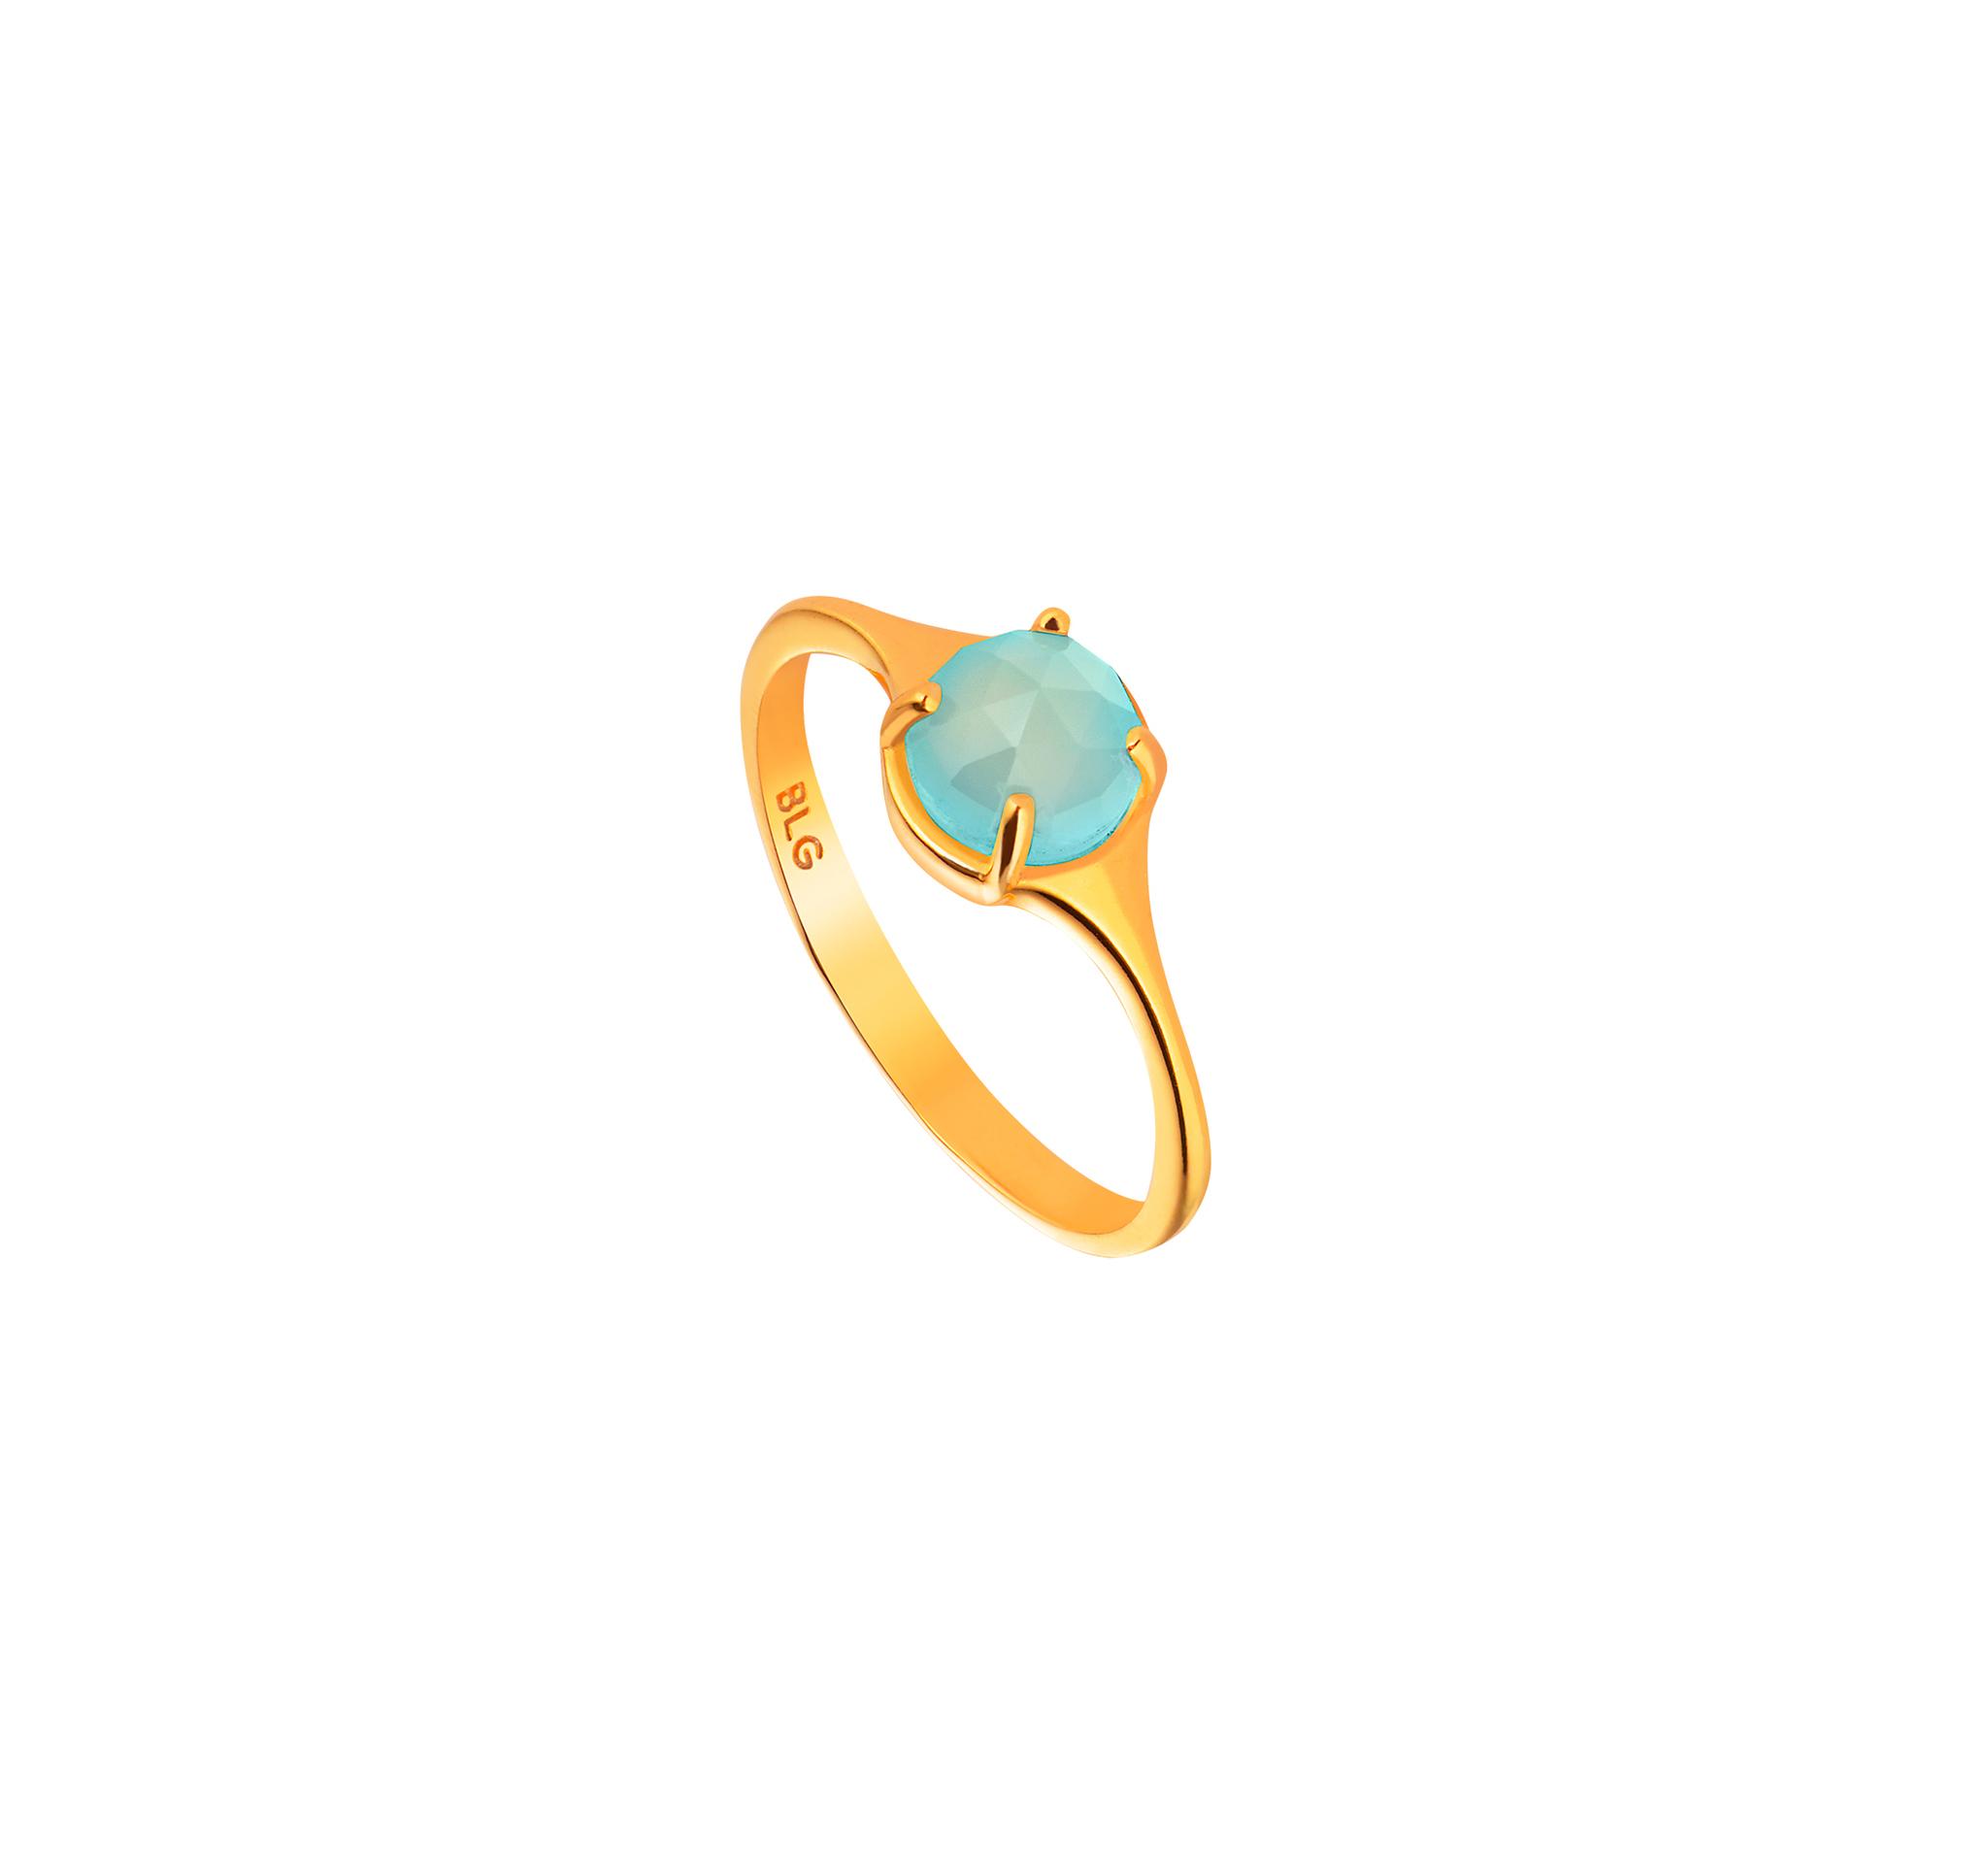 Кольцо из серебра, покрыто позолотой и натуральным голубым халцедоном